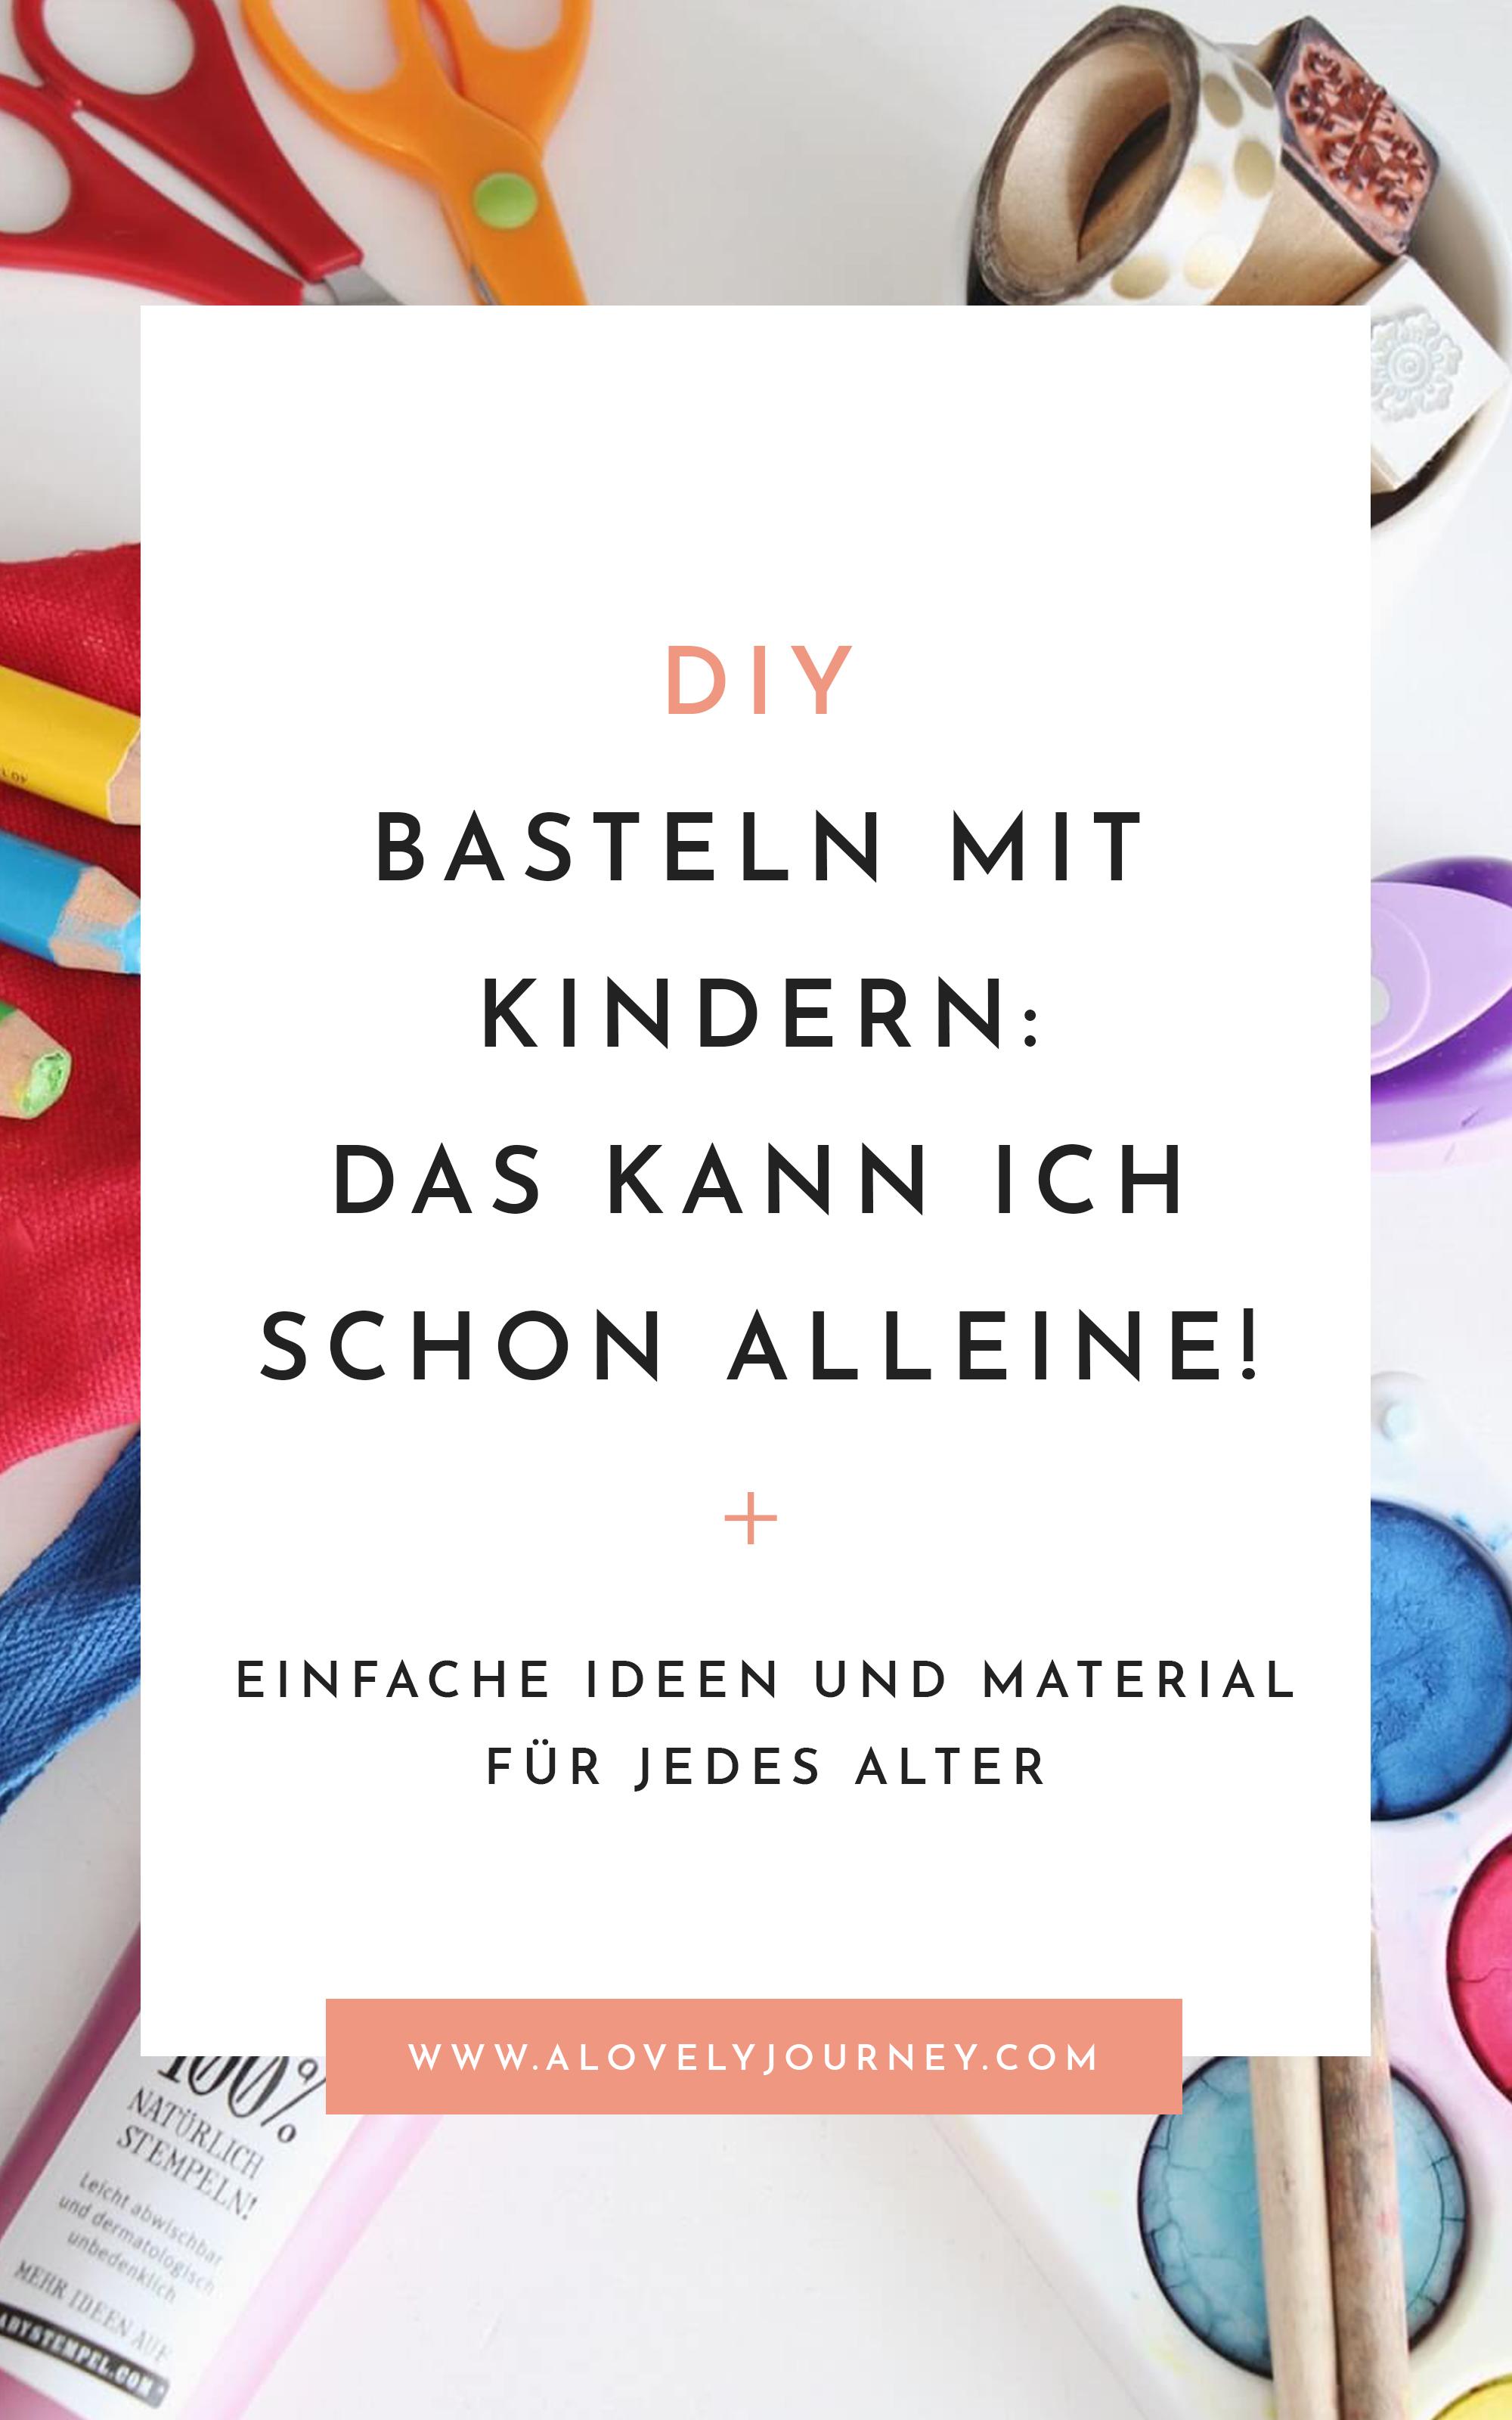 Basteln mit Kindern: Das können Kindern von 1 bis 4 Jahren einfach selbst machen